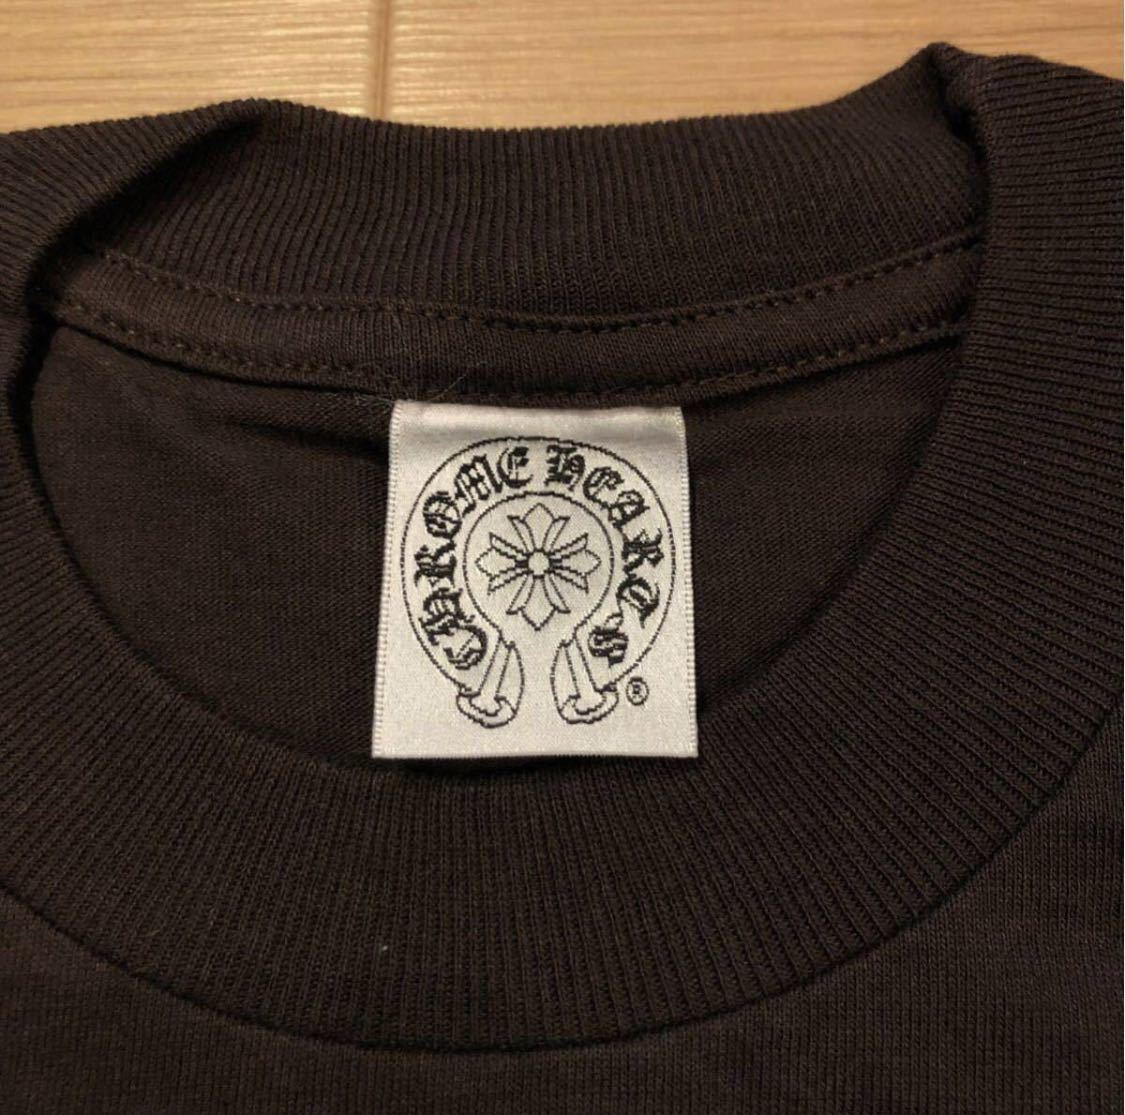 【L】レア 正規品 クロムハーツ インテレクチュアルギャラリー CHROME HEARTS Intellectual Gallery 限定 Tシャツ ポケT USA 5169_画像5